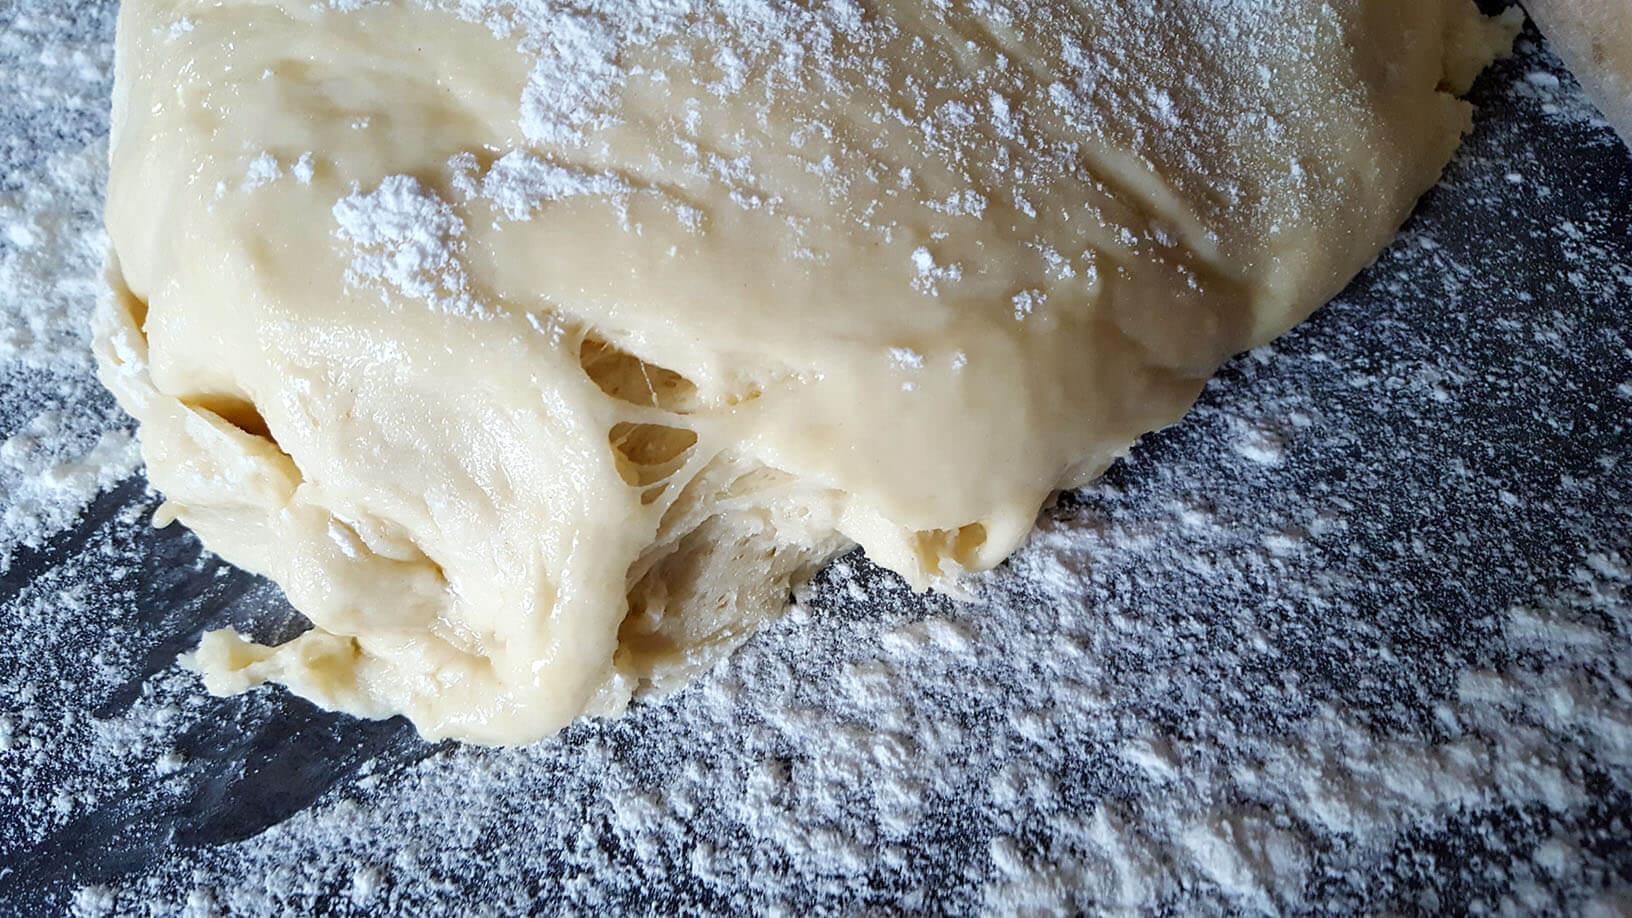 brioche-dough-recipe-for-cinnamon-rolls